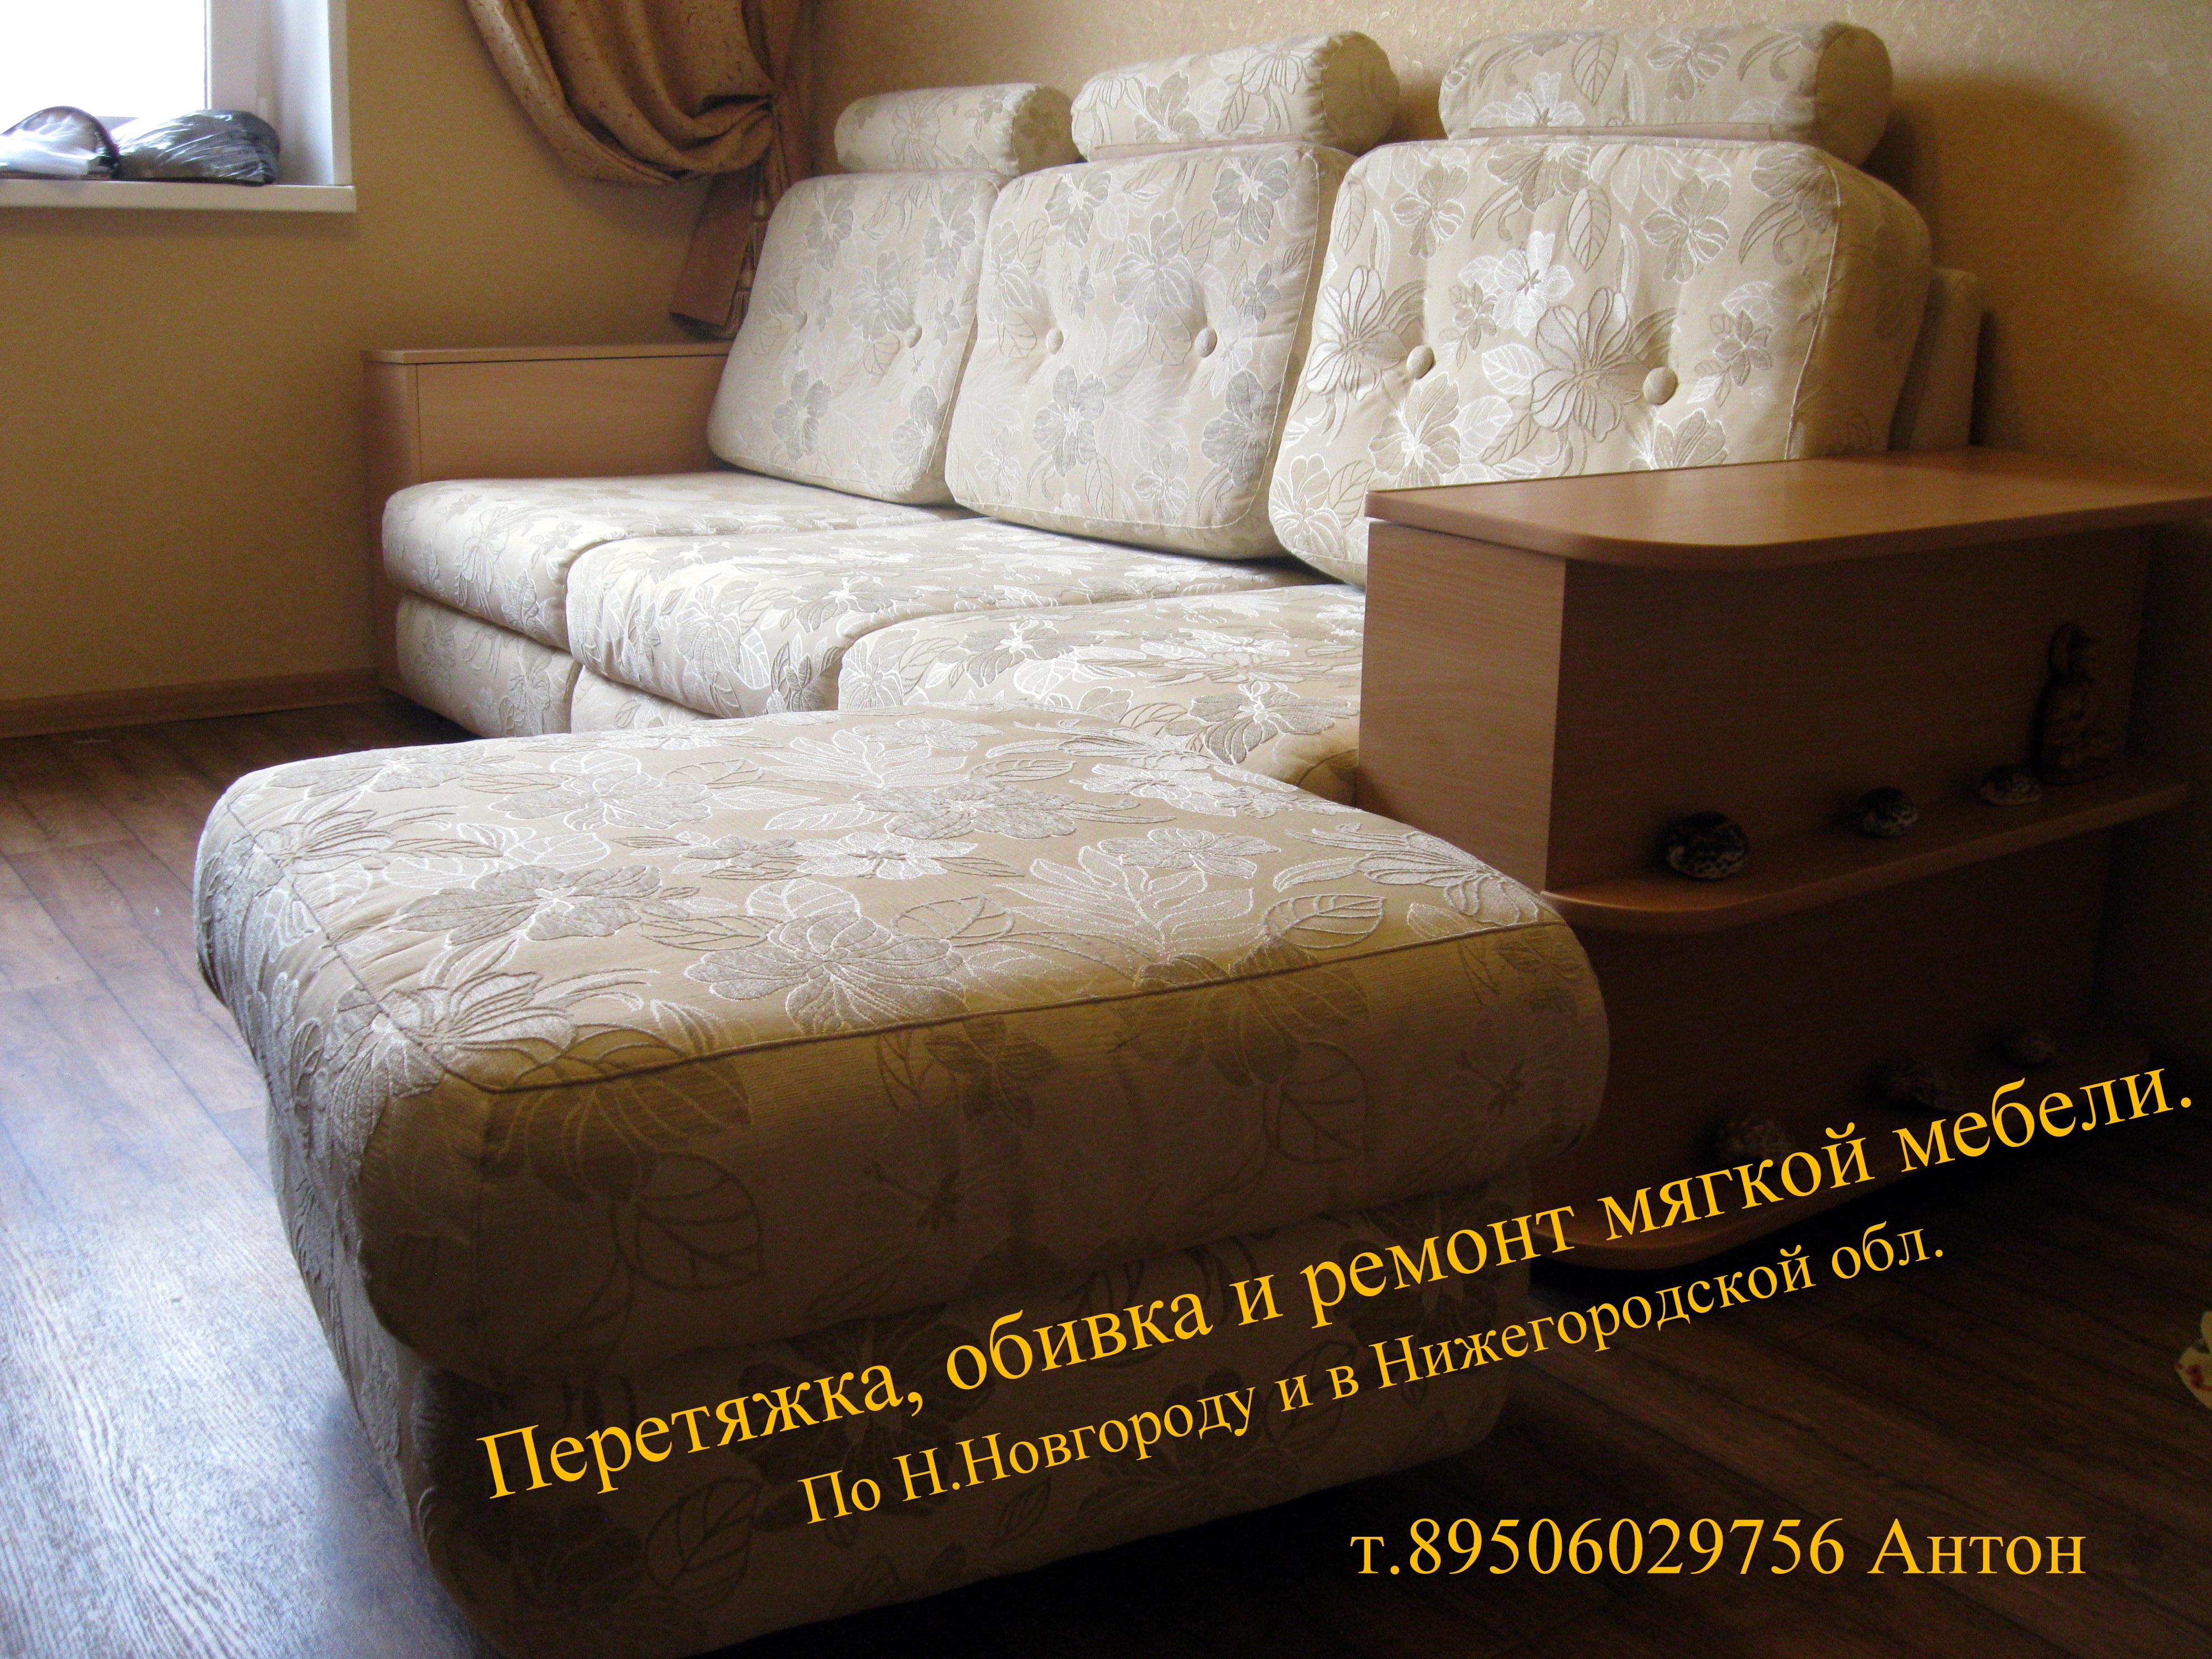 Ремонт мягкой мебели  Перетяжка, о...